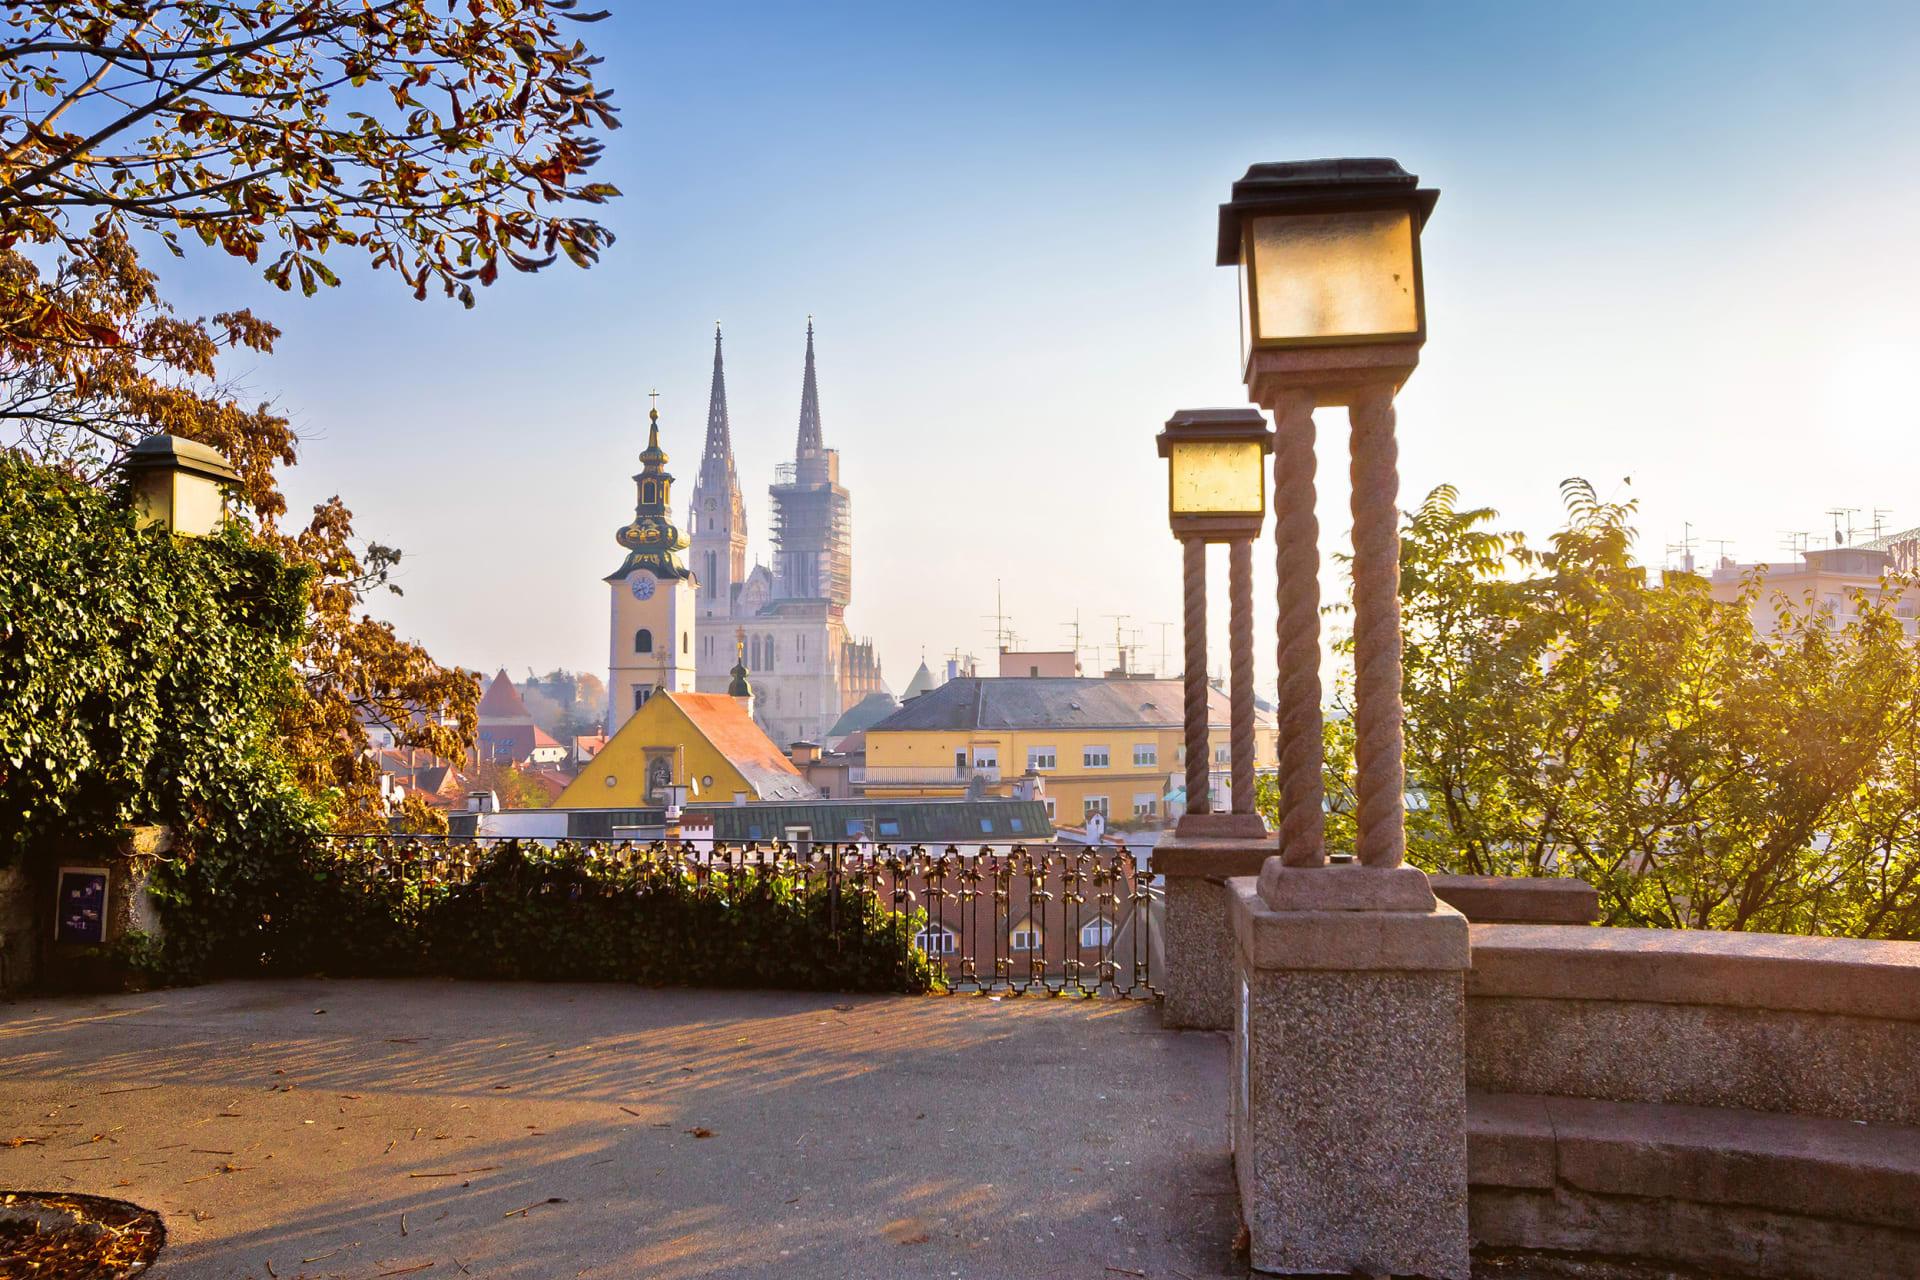 Zagreb cover image